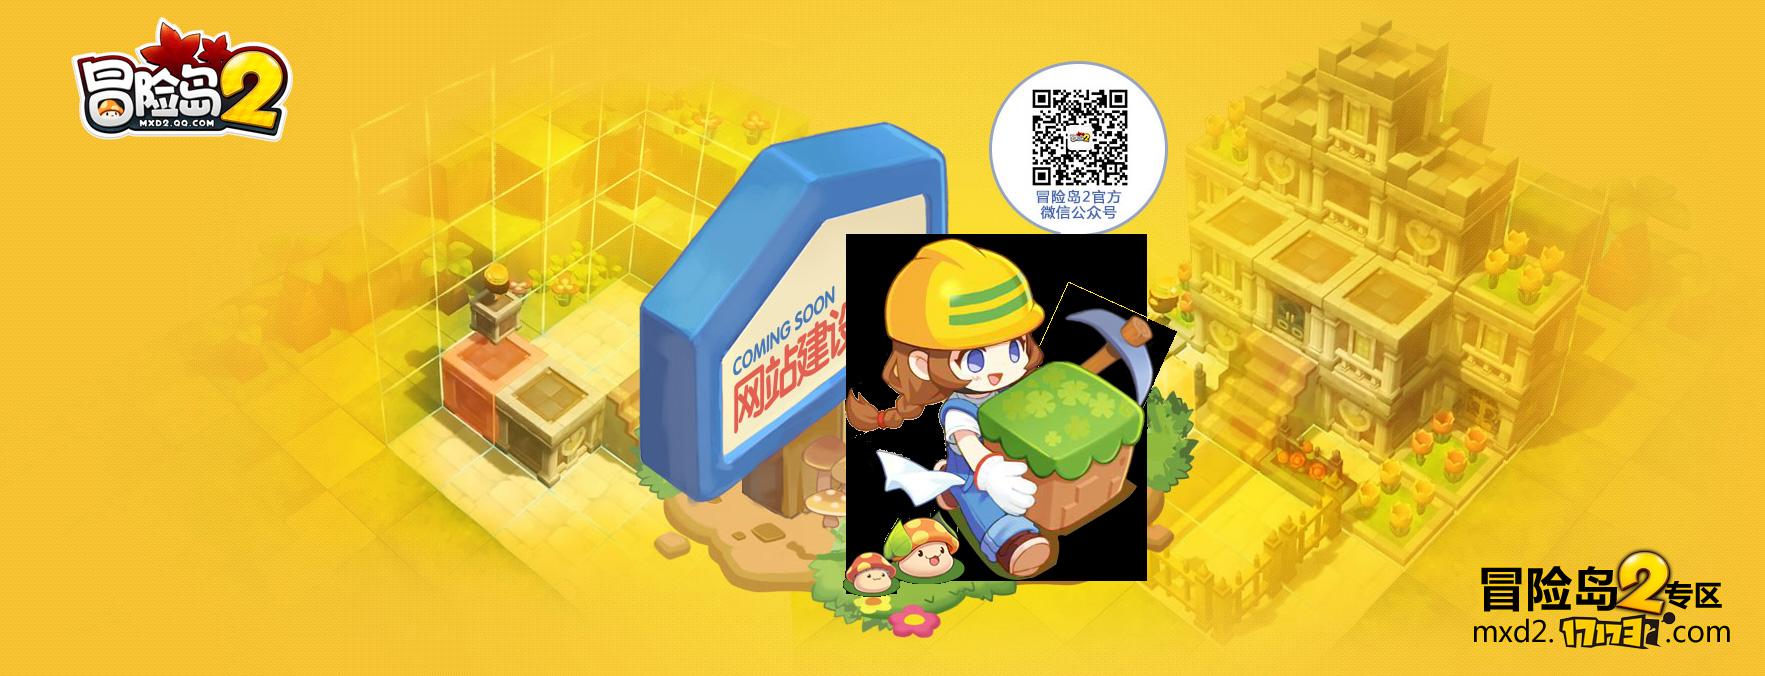 冒险岛蘑菇宣传背景模板